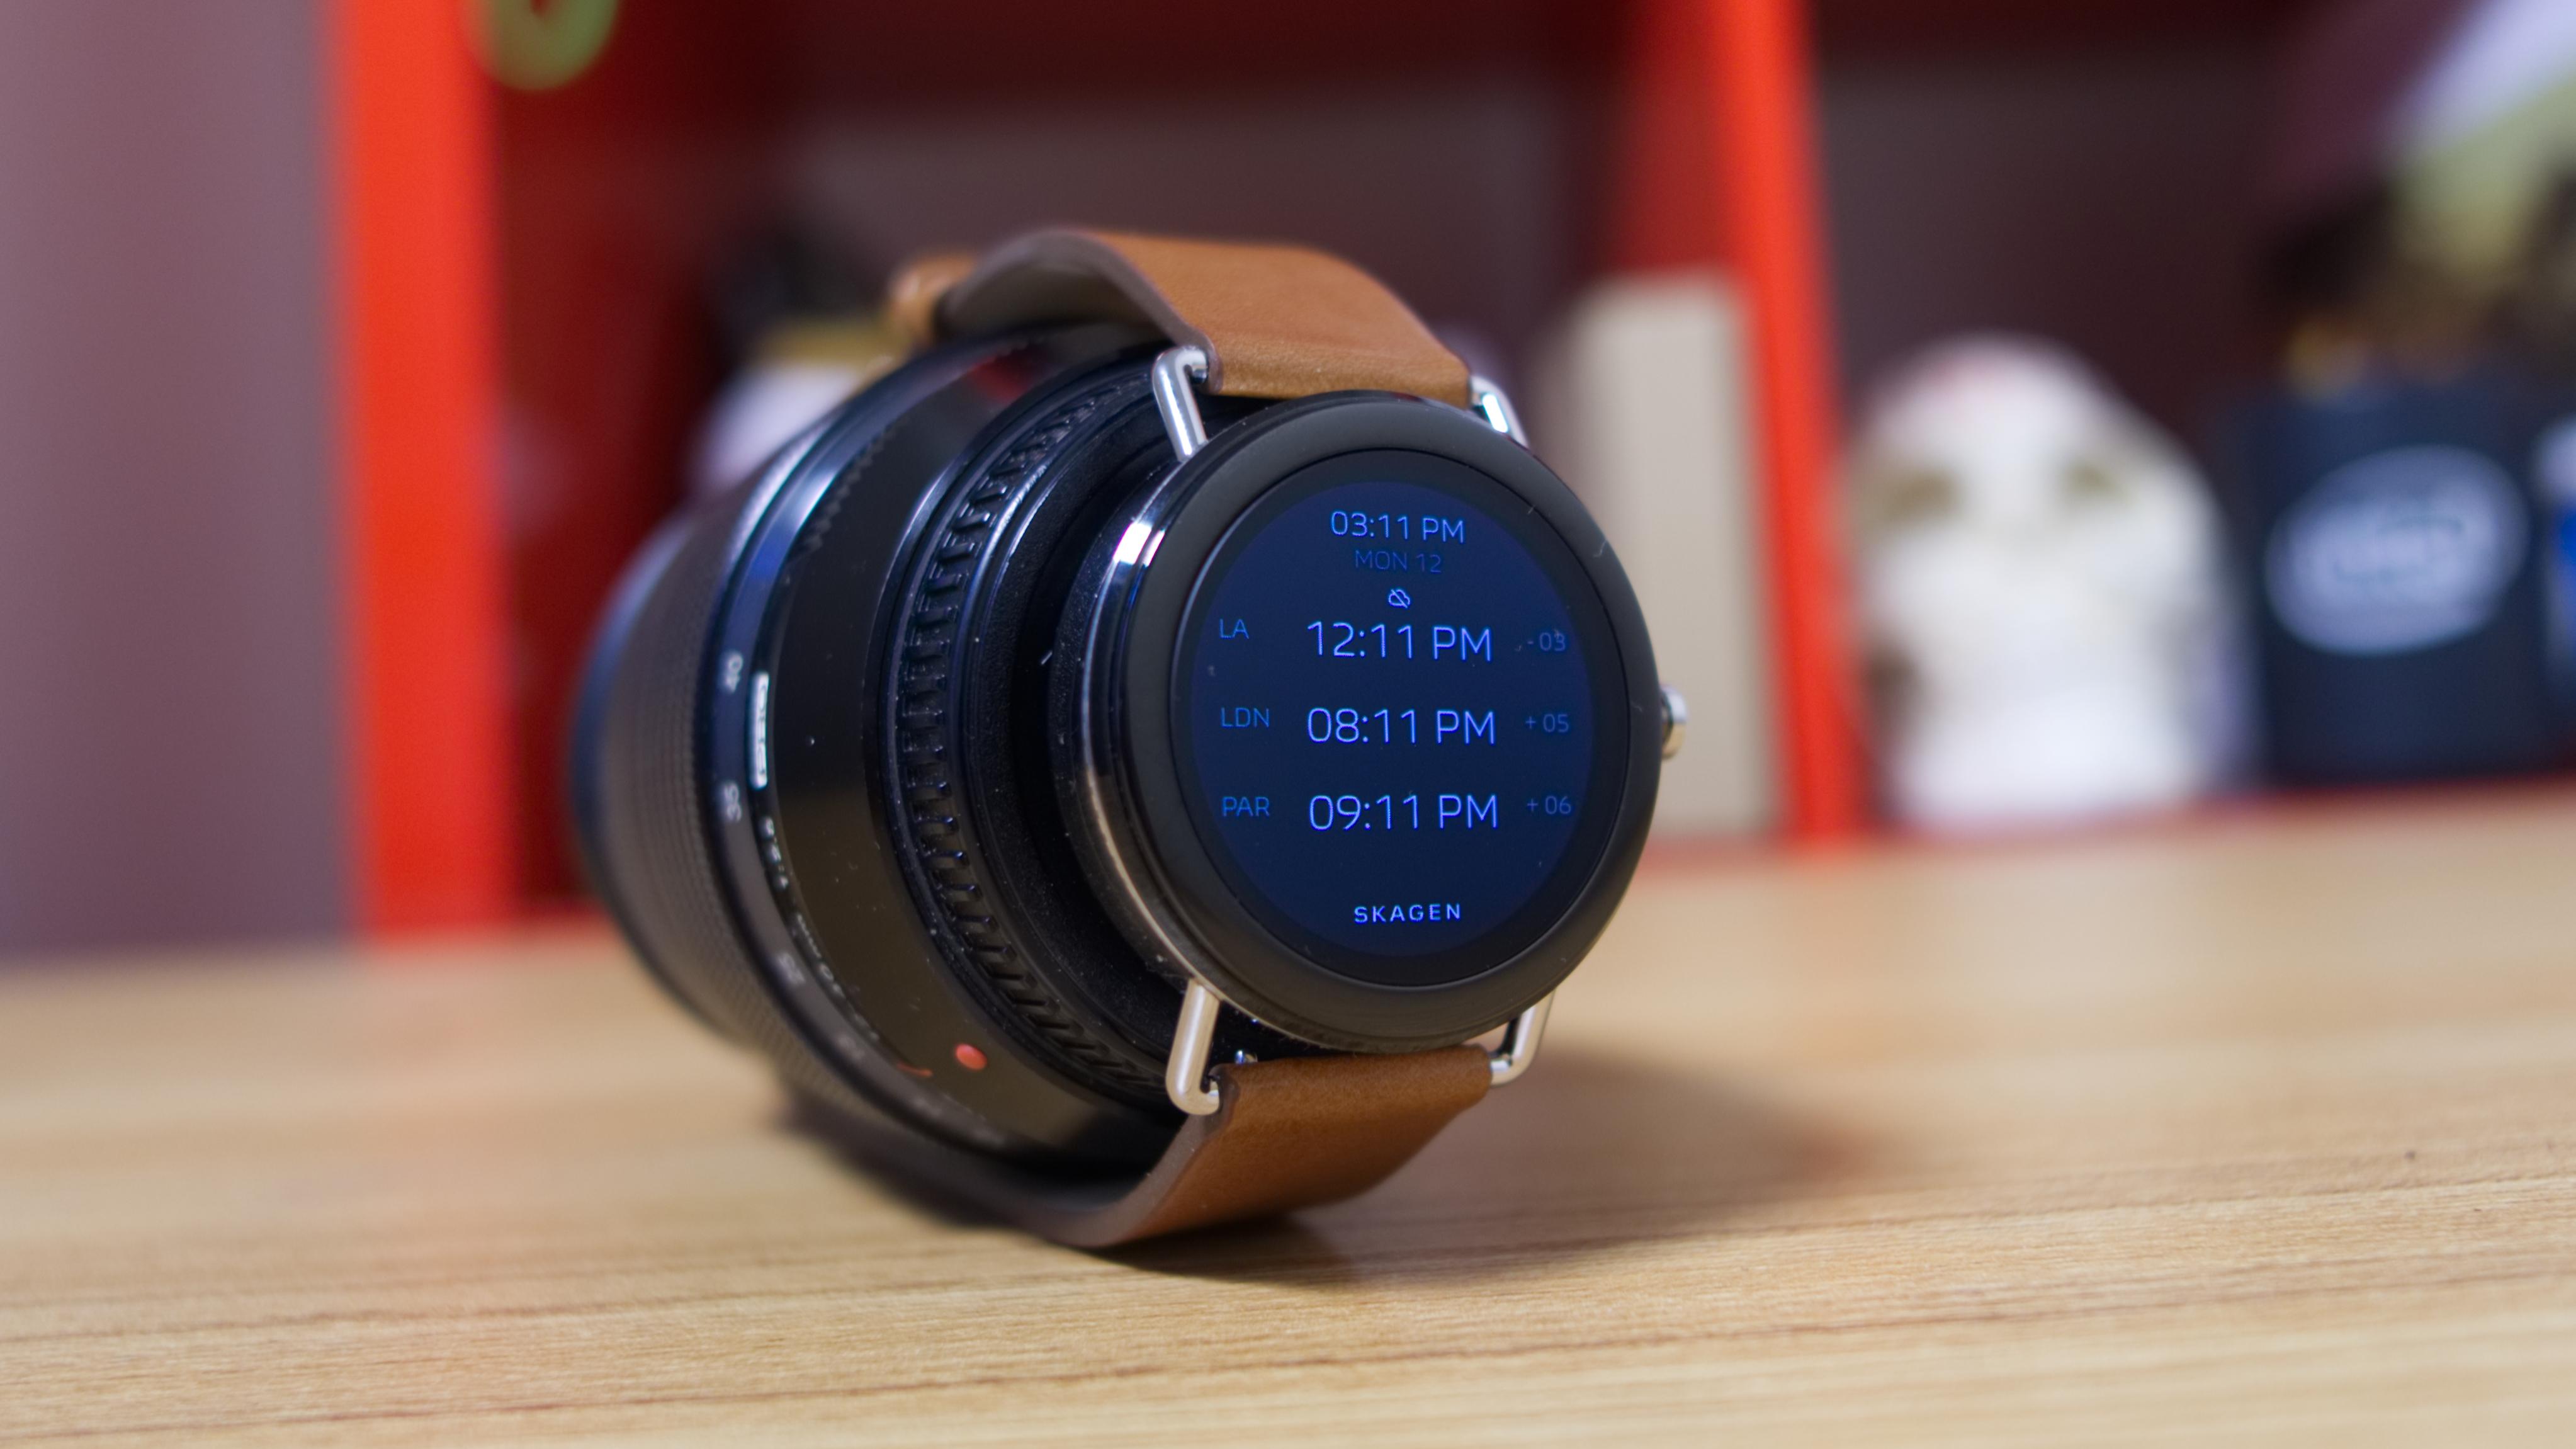 ¿Por qué comprar un reloj inteligente?